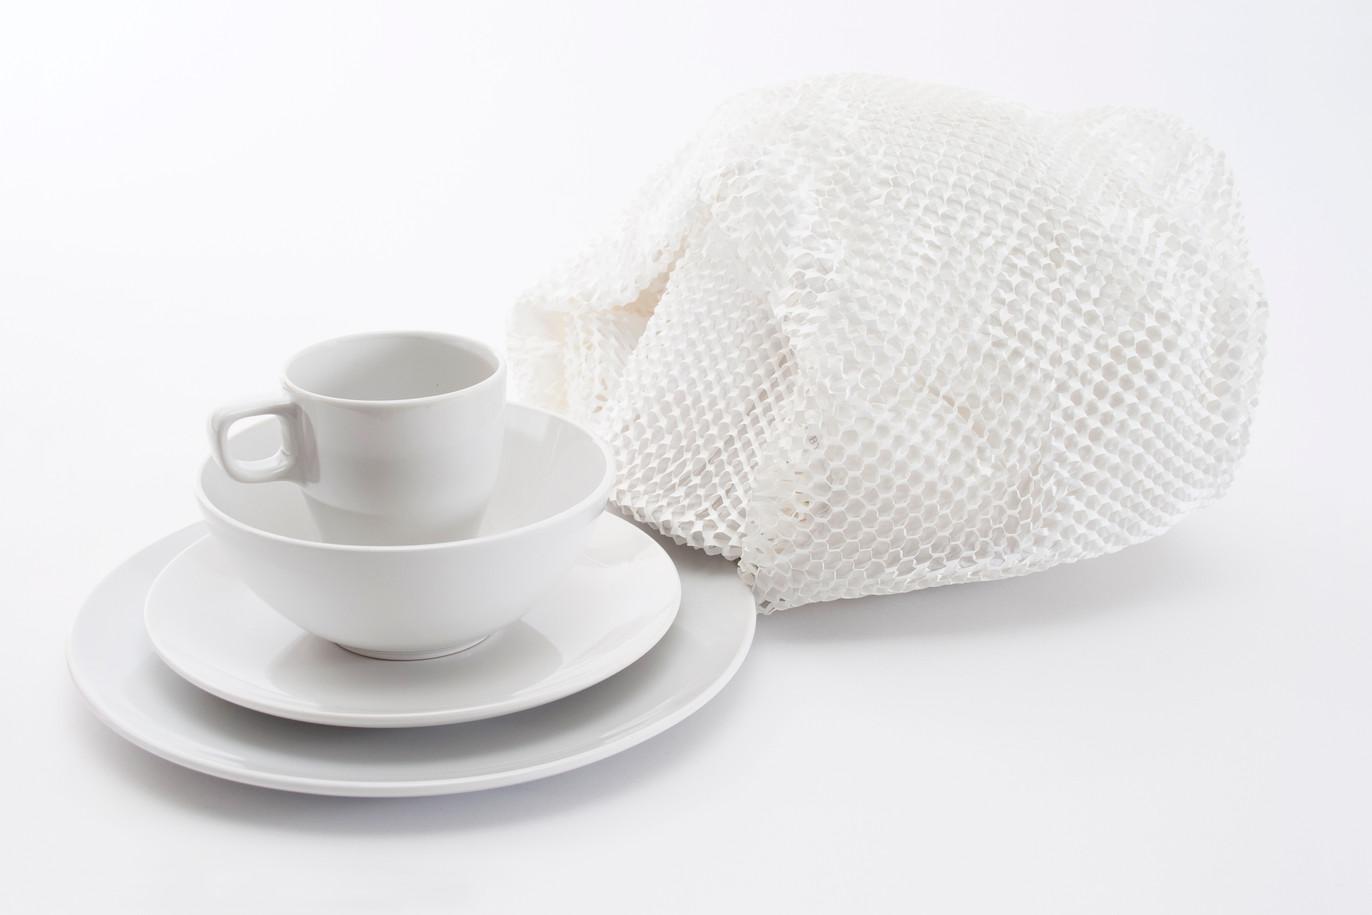 GeamiWrapPak_white_white_teacup_04212014